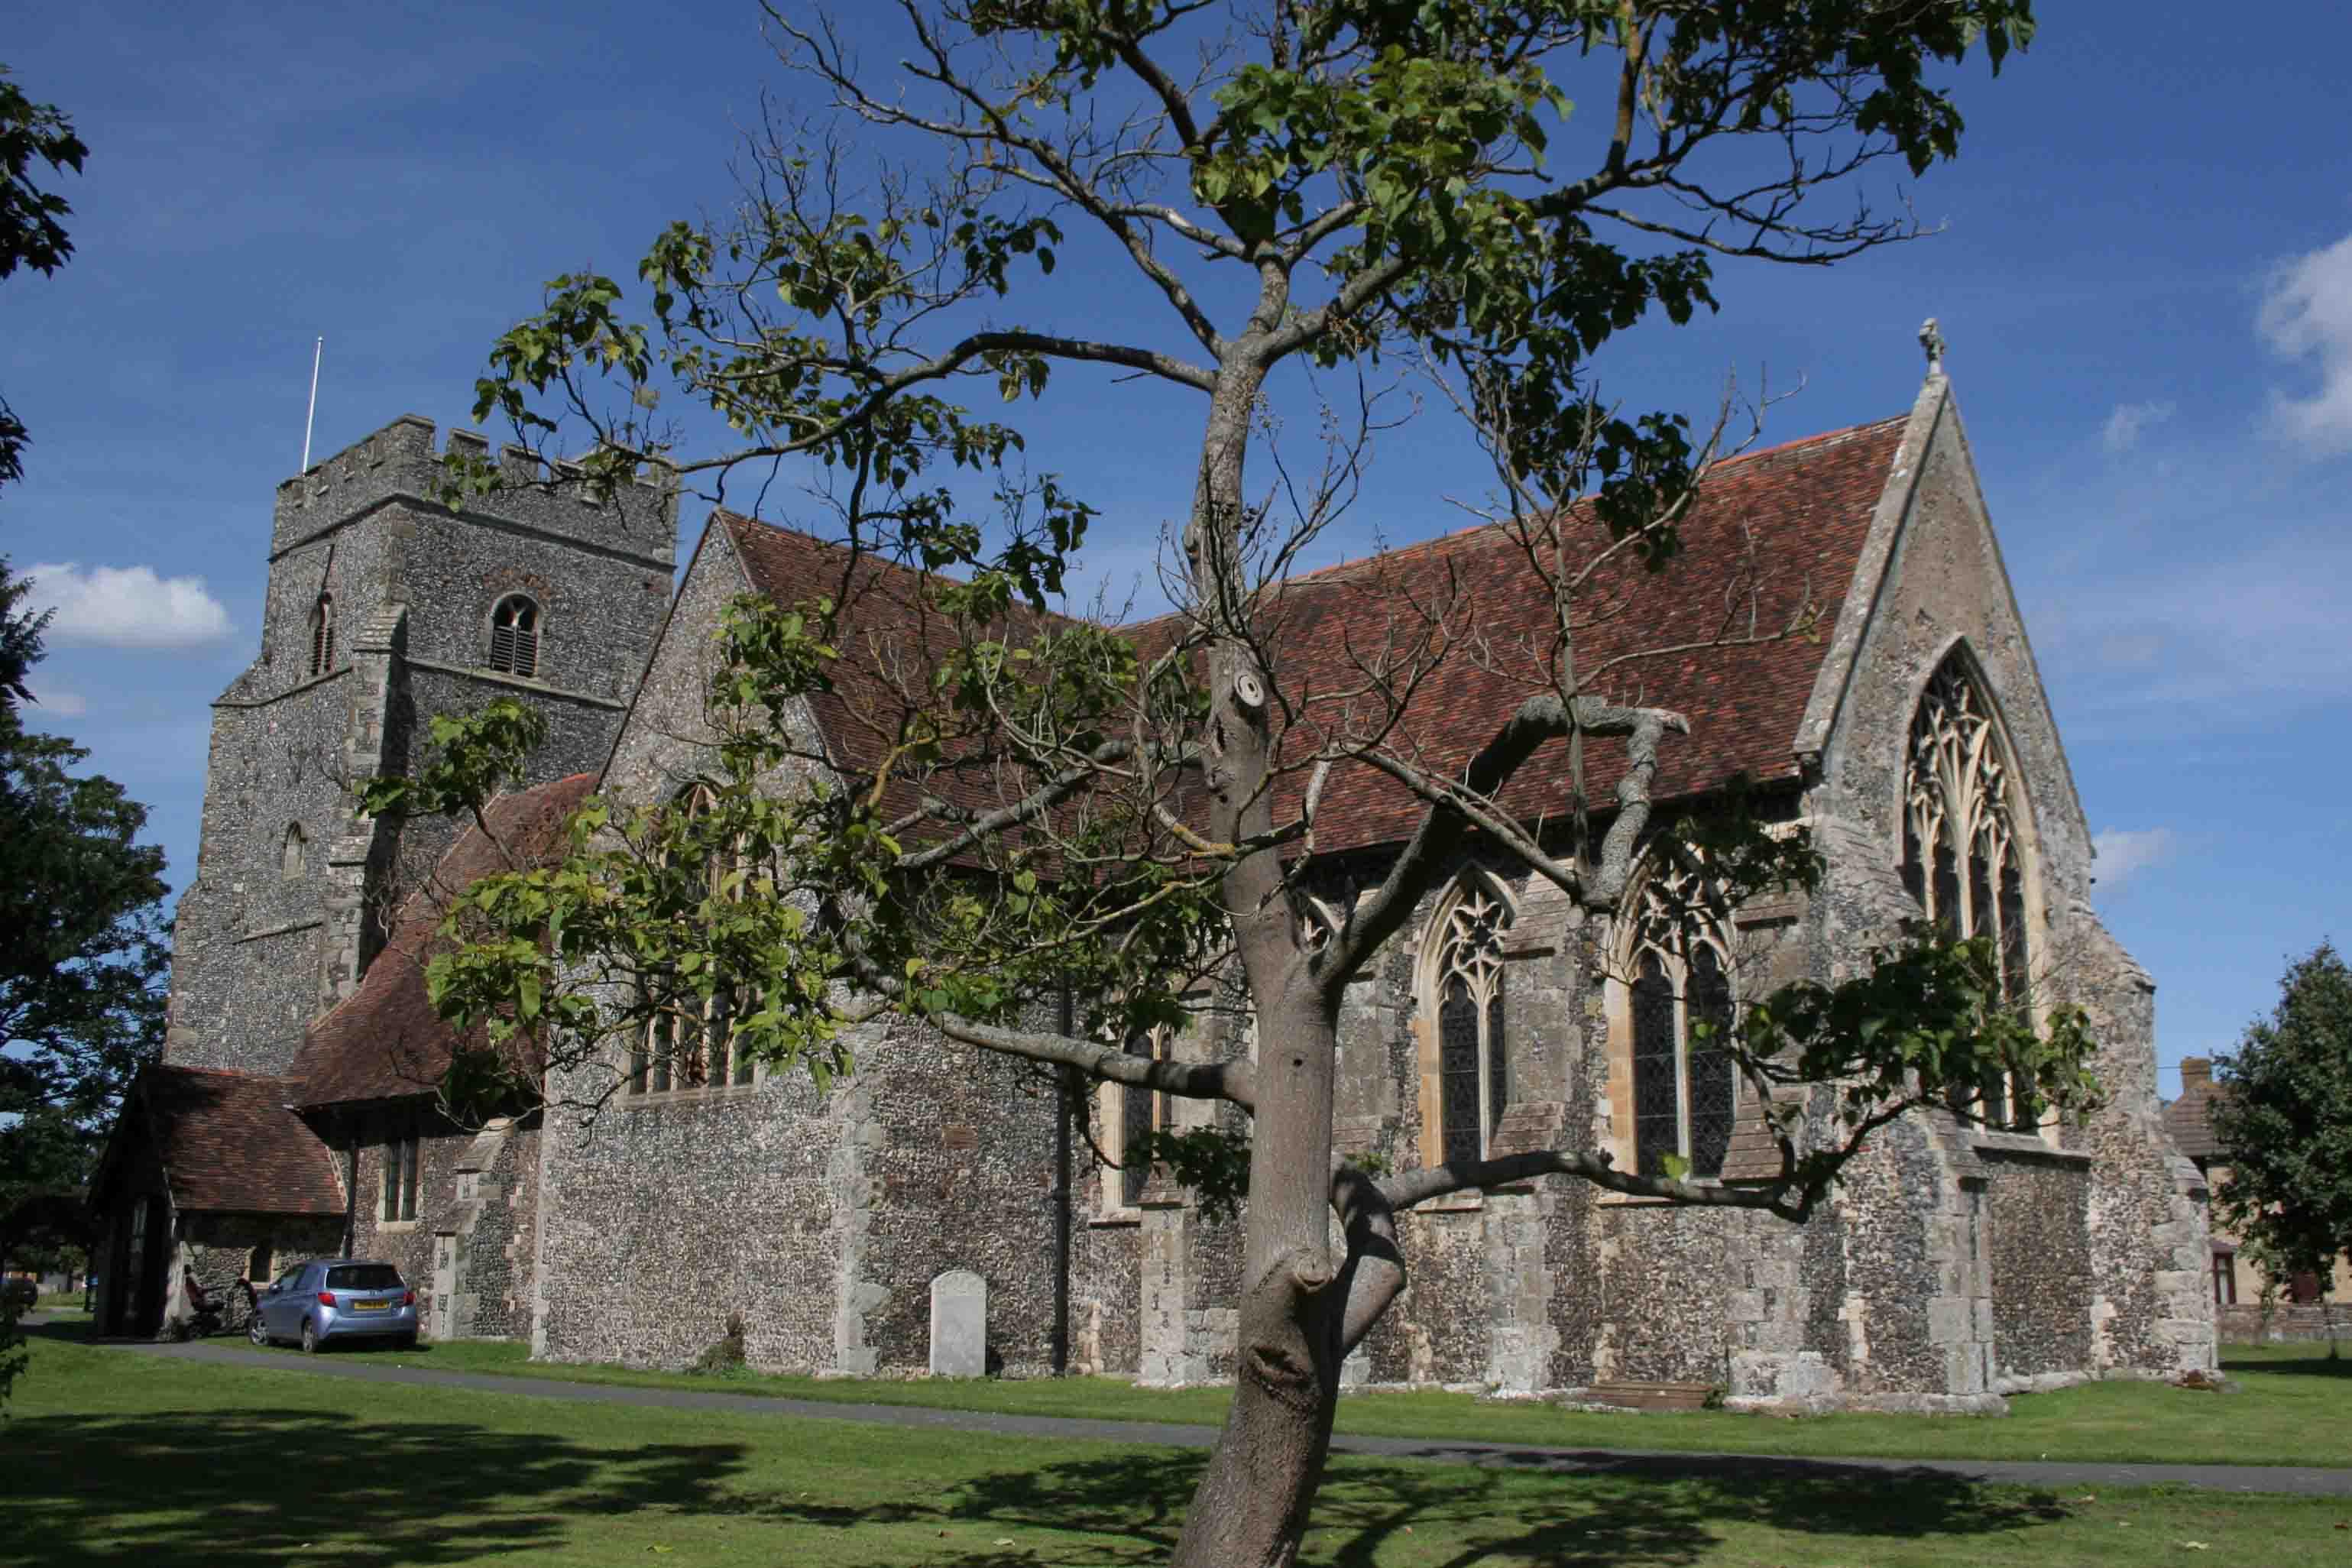 St Mary's, Chartham (Exterior)